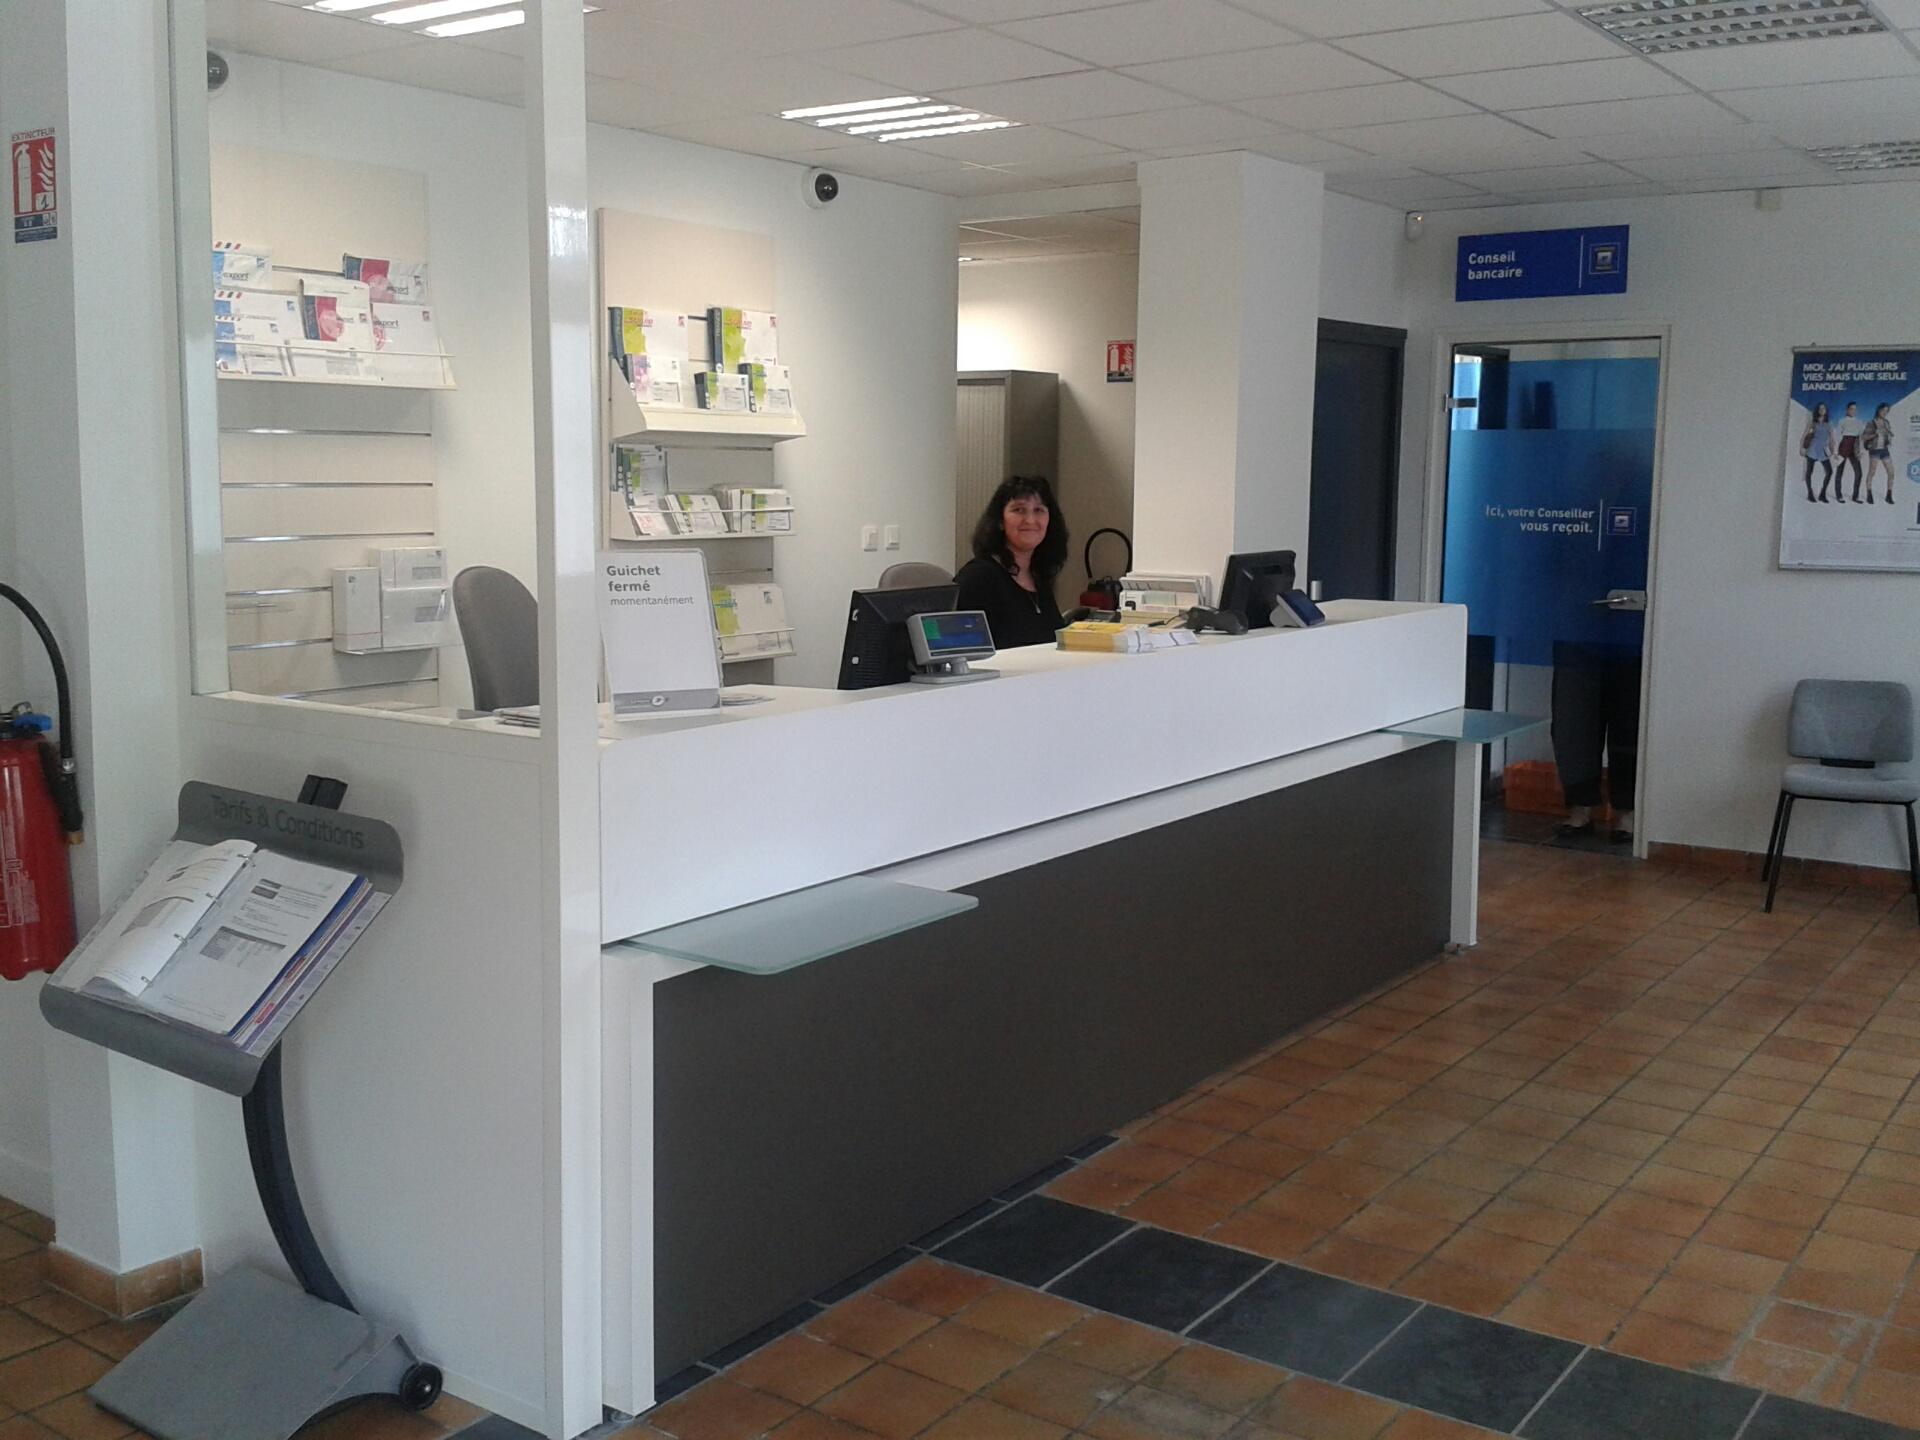 Le bureau de poste est réouvert u mairie de verberie